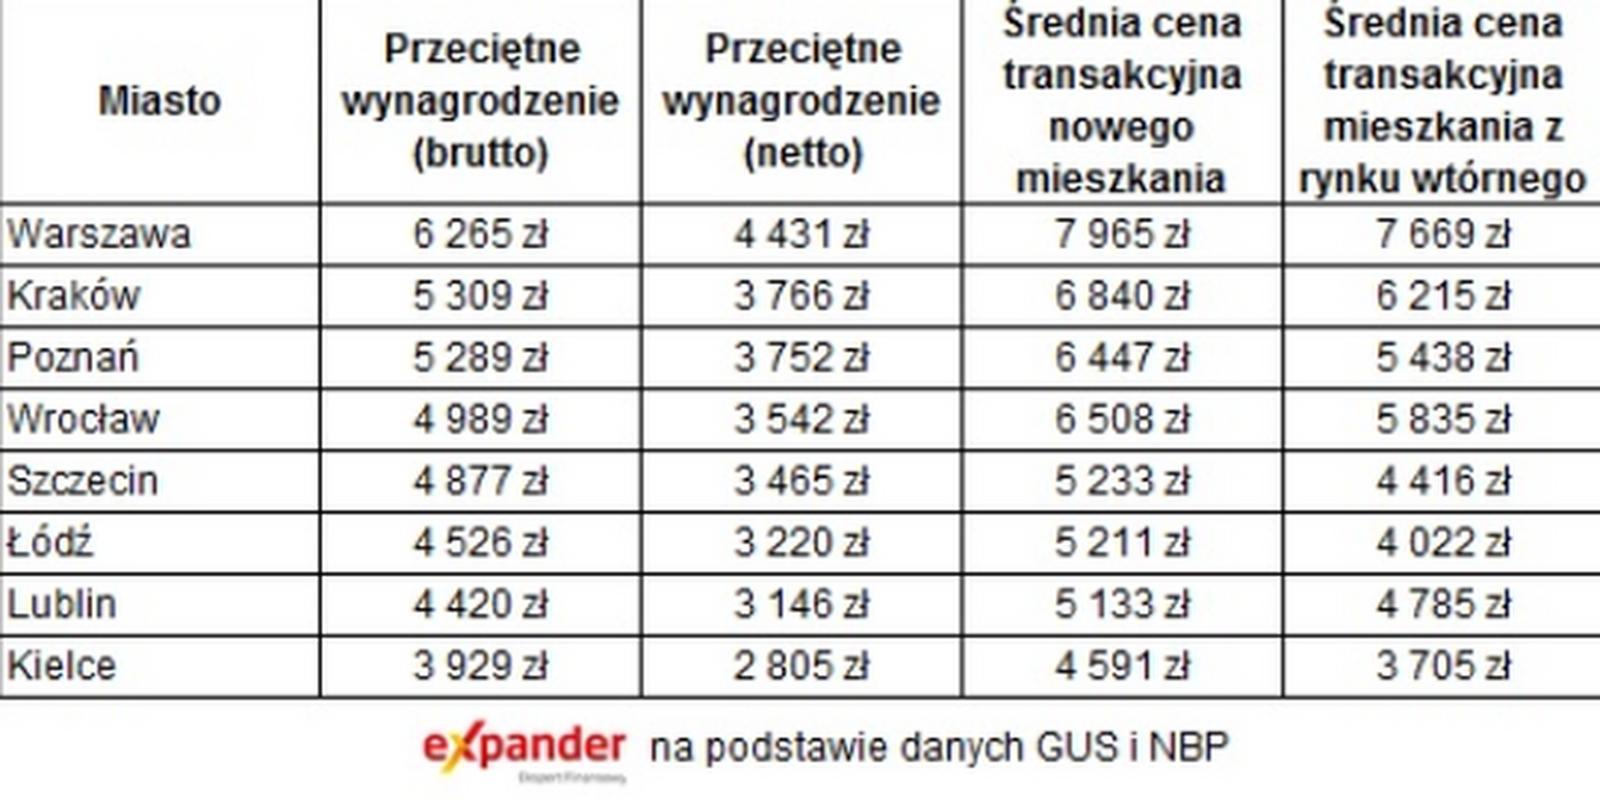 Ceny mieszkań i wynagrodzenia - porównanie w miastach w Polsce